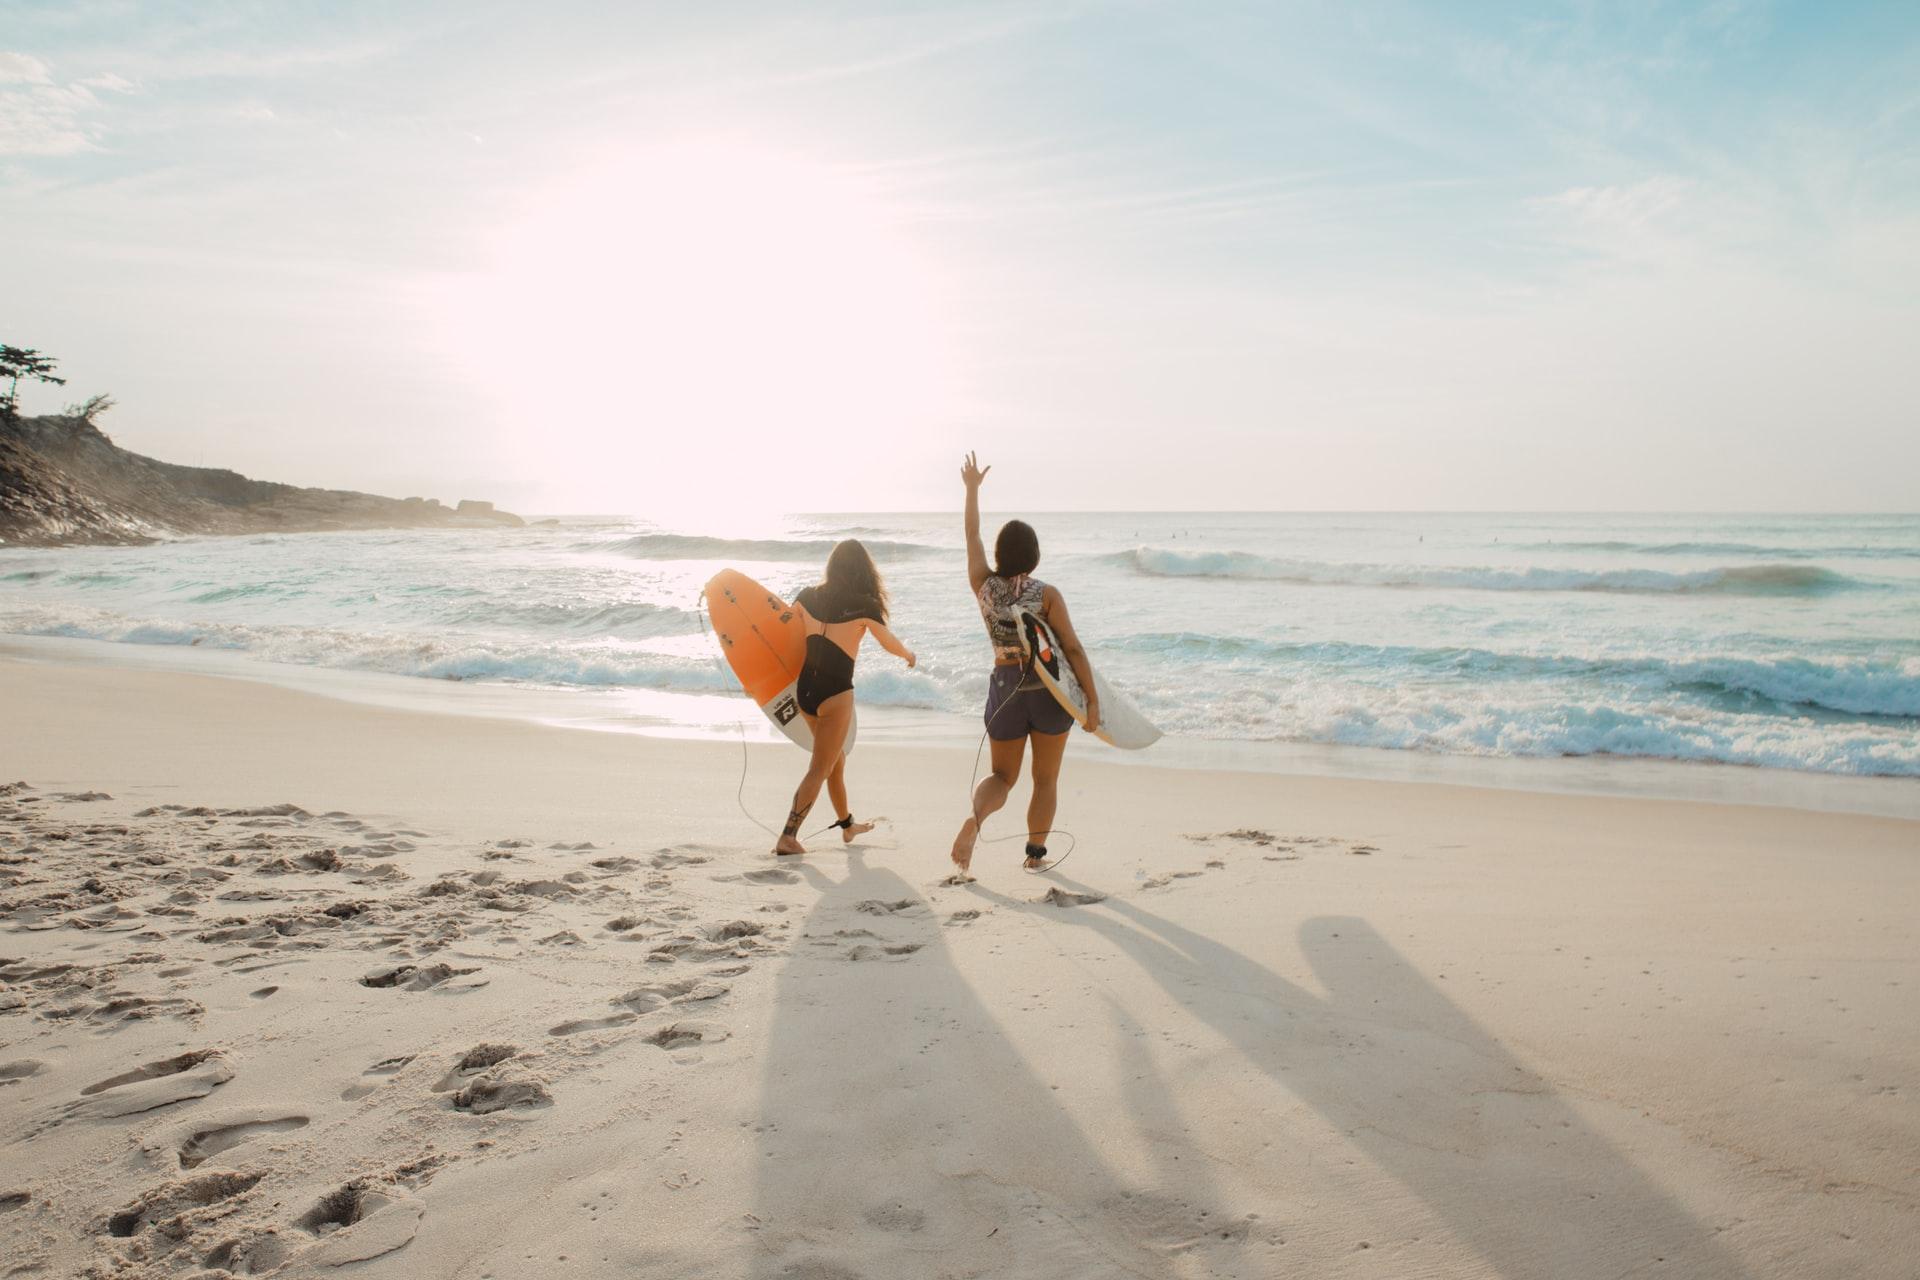 vacanze al mare, regole anti Covid-19 da seguire